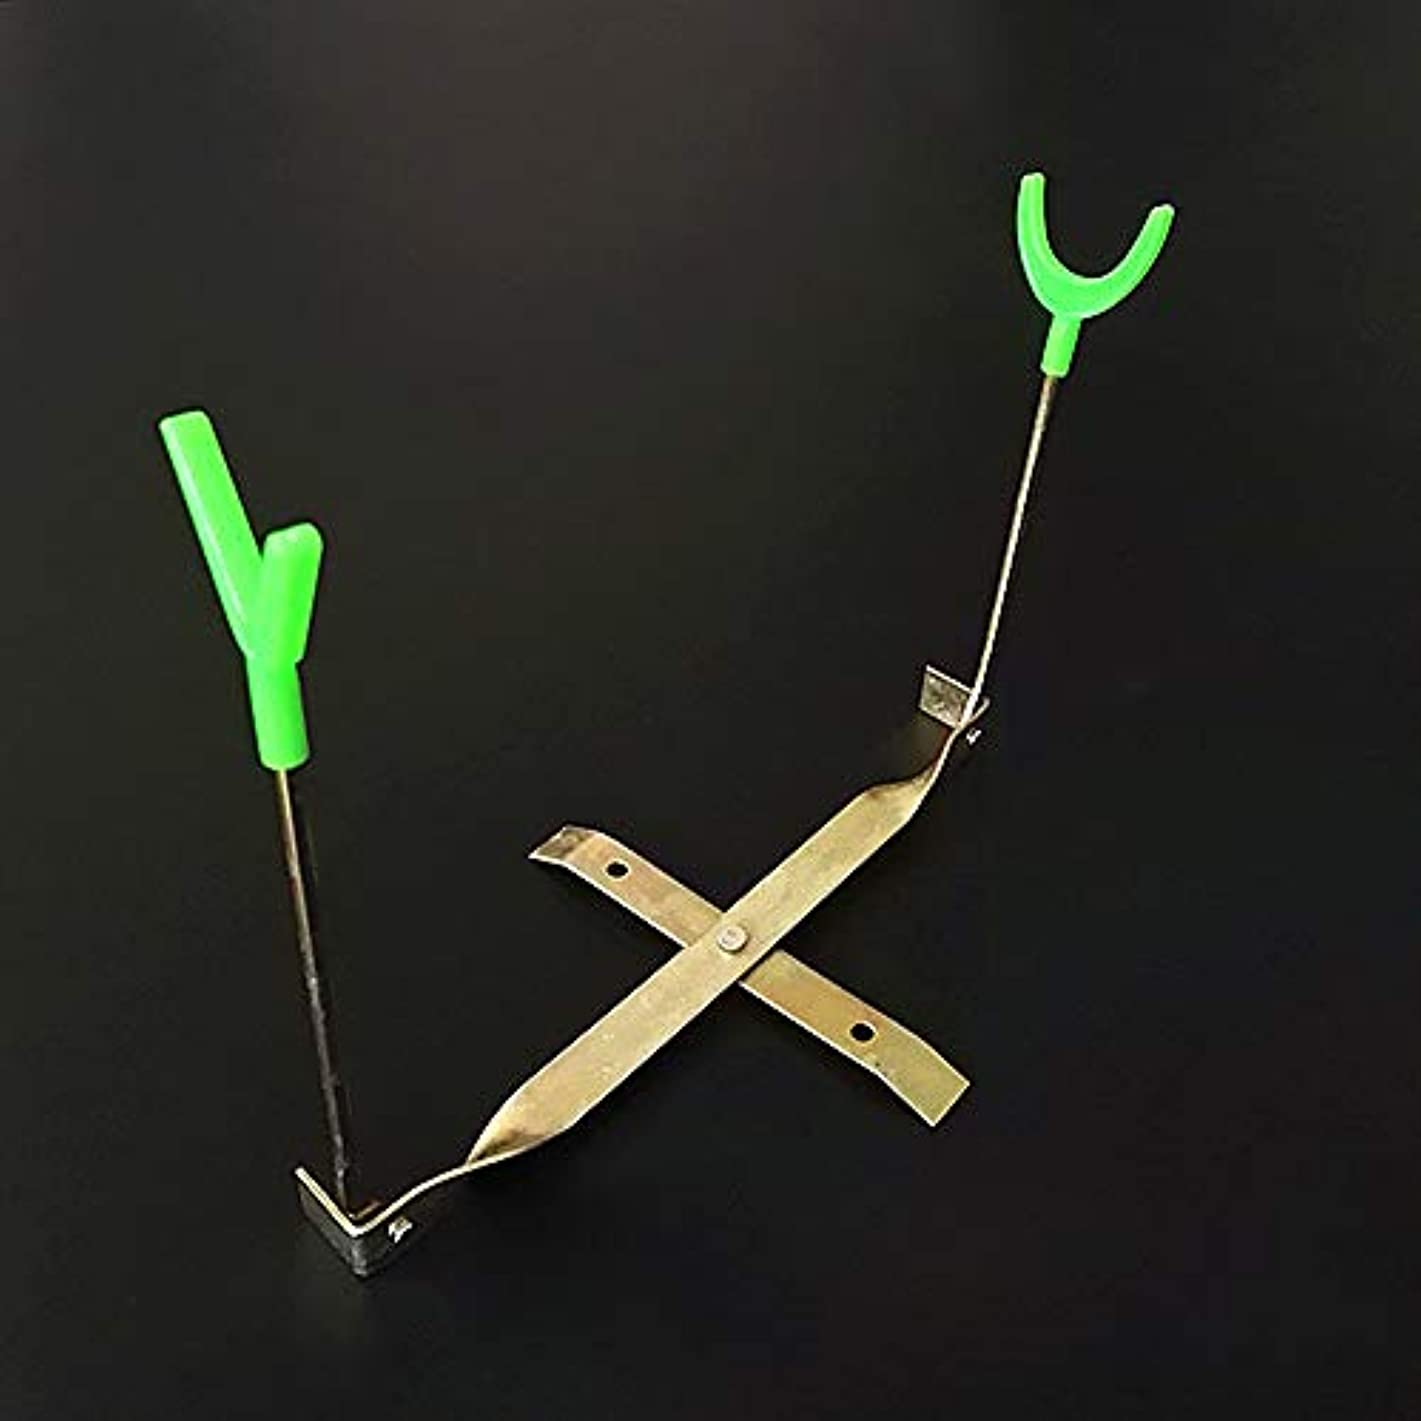 メタリック持っているエジプトTOPmountain Kicode 耐久性 アイスフィッシングブラケット ダブルヘッドブラケット 穴釣り 冬の釣り スポーツ 銅 ポータブル